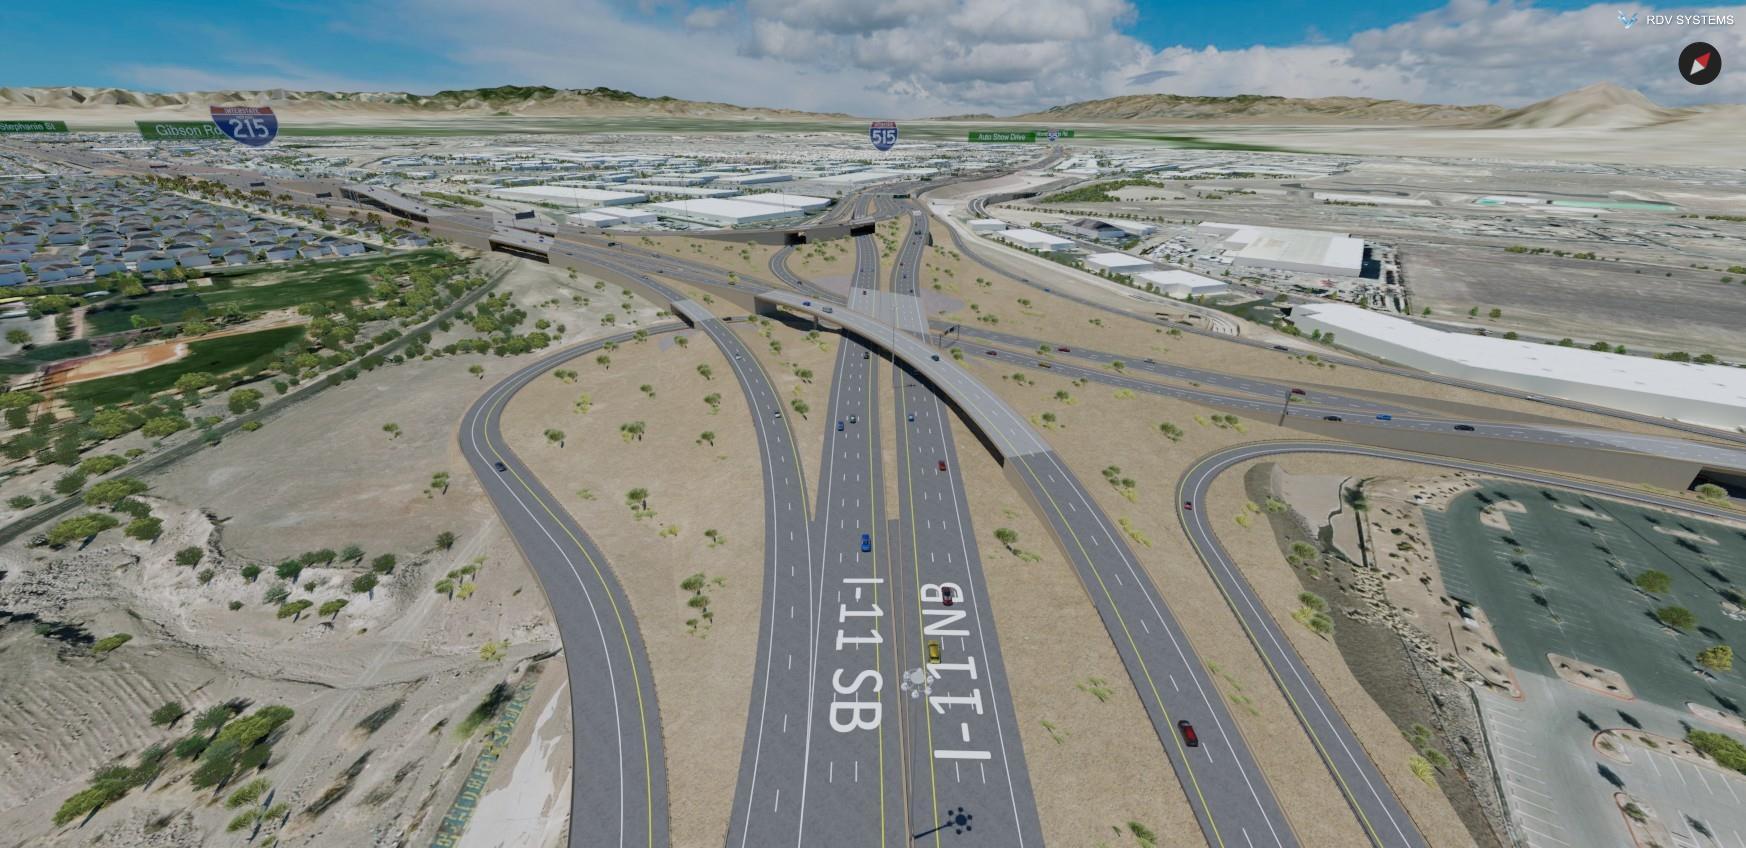 Henderson, NV Project Overview | Innovative Visualization | RDV Systems